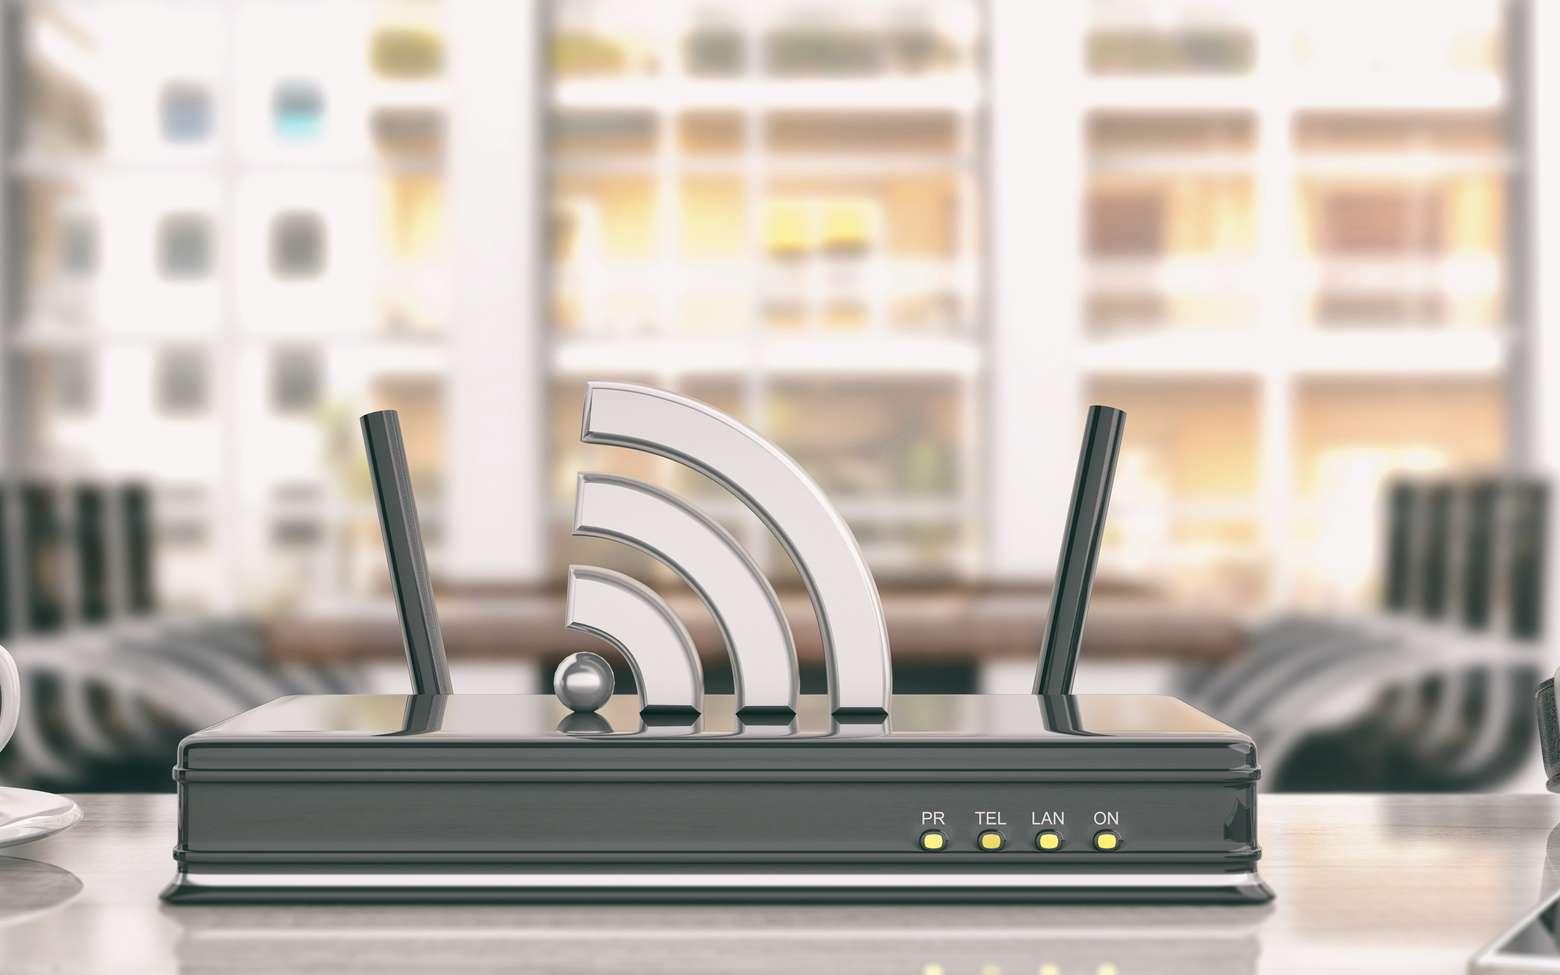 La plupart des box Internet font aujourd'hui à la fois office de routeur et de modem. © Rawf8, Fotolia